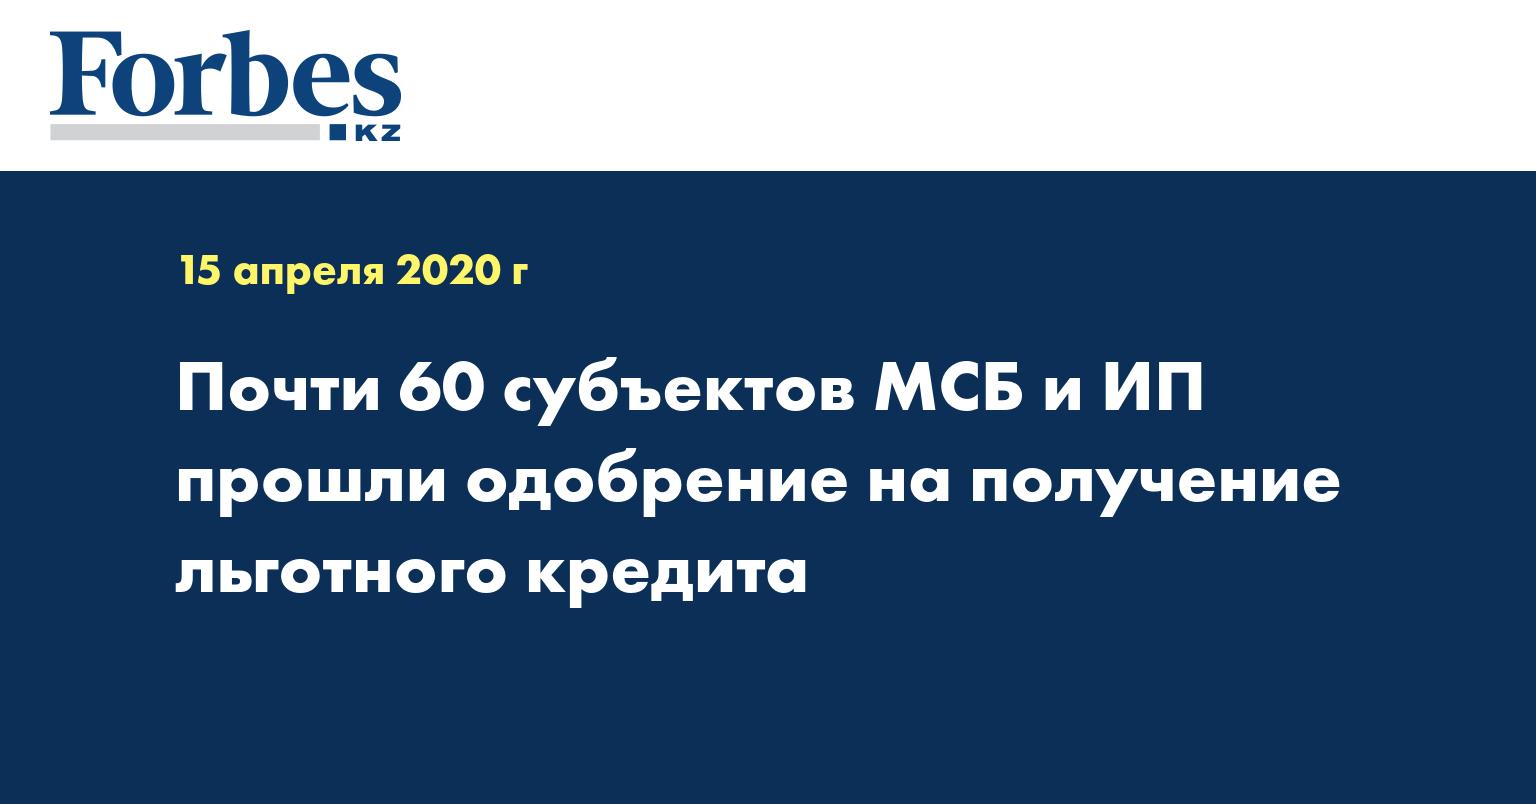 Почти 60 субъектов МСБ и ИП прошли одобрение на получение льготного кредита